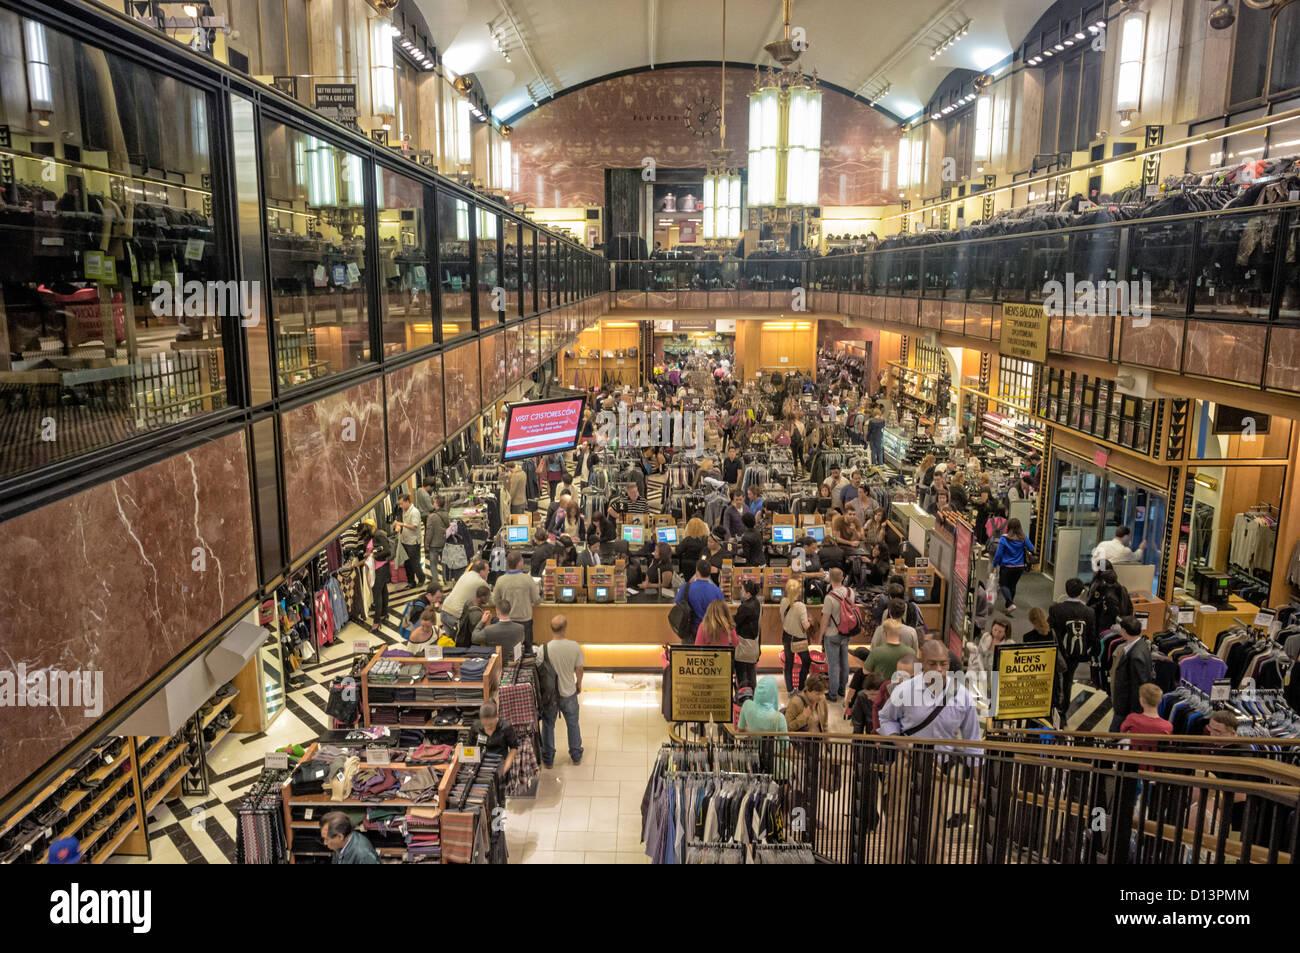 Century 21 Store In Manhattan New York Stock Photo Alamy